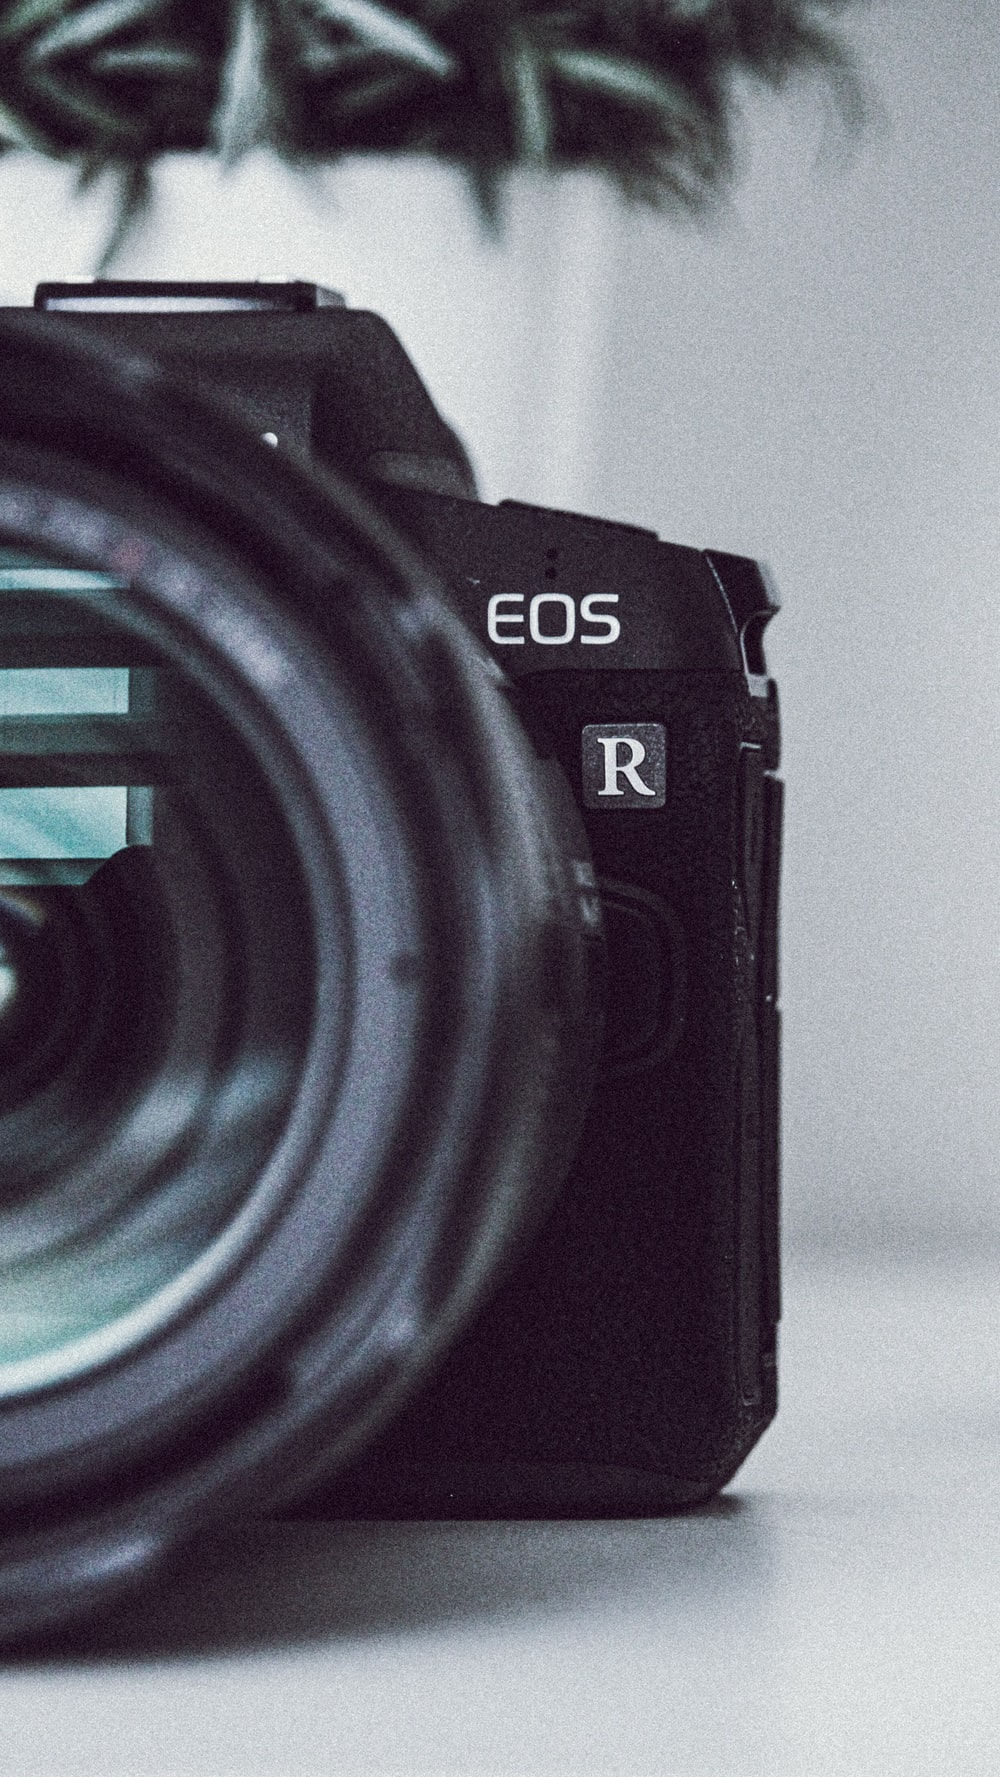 black Canon EOS R DSLR camera